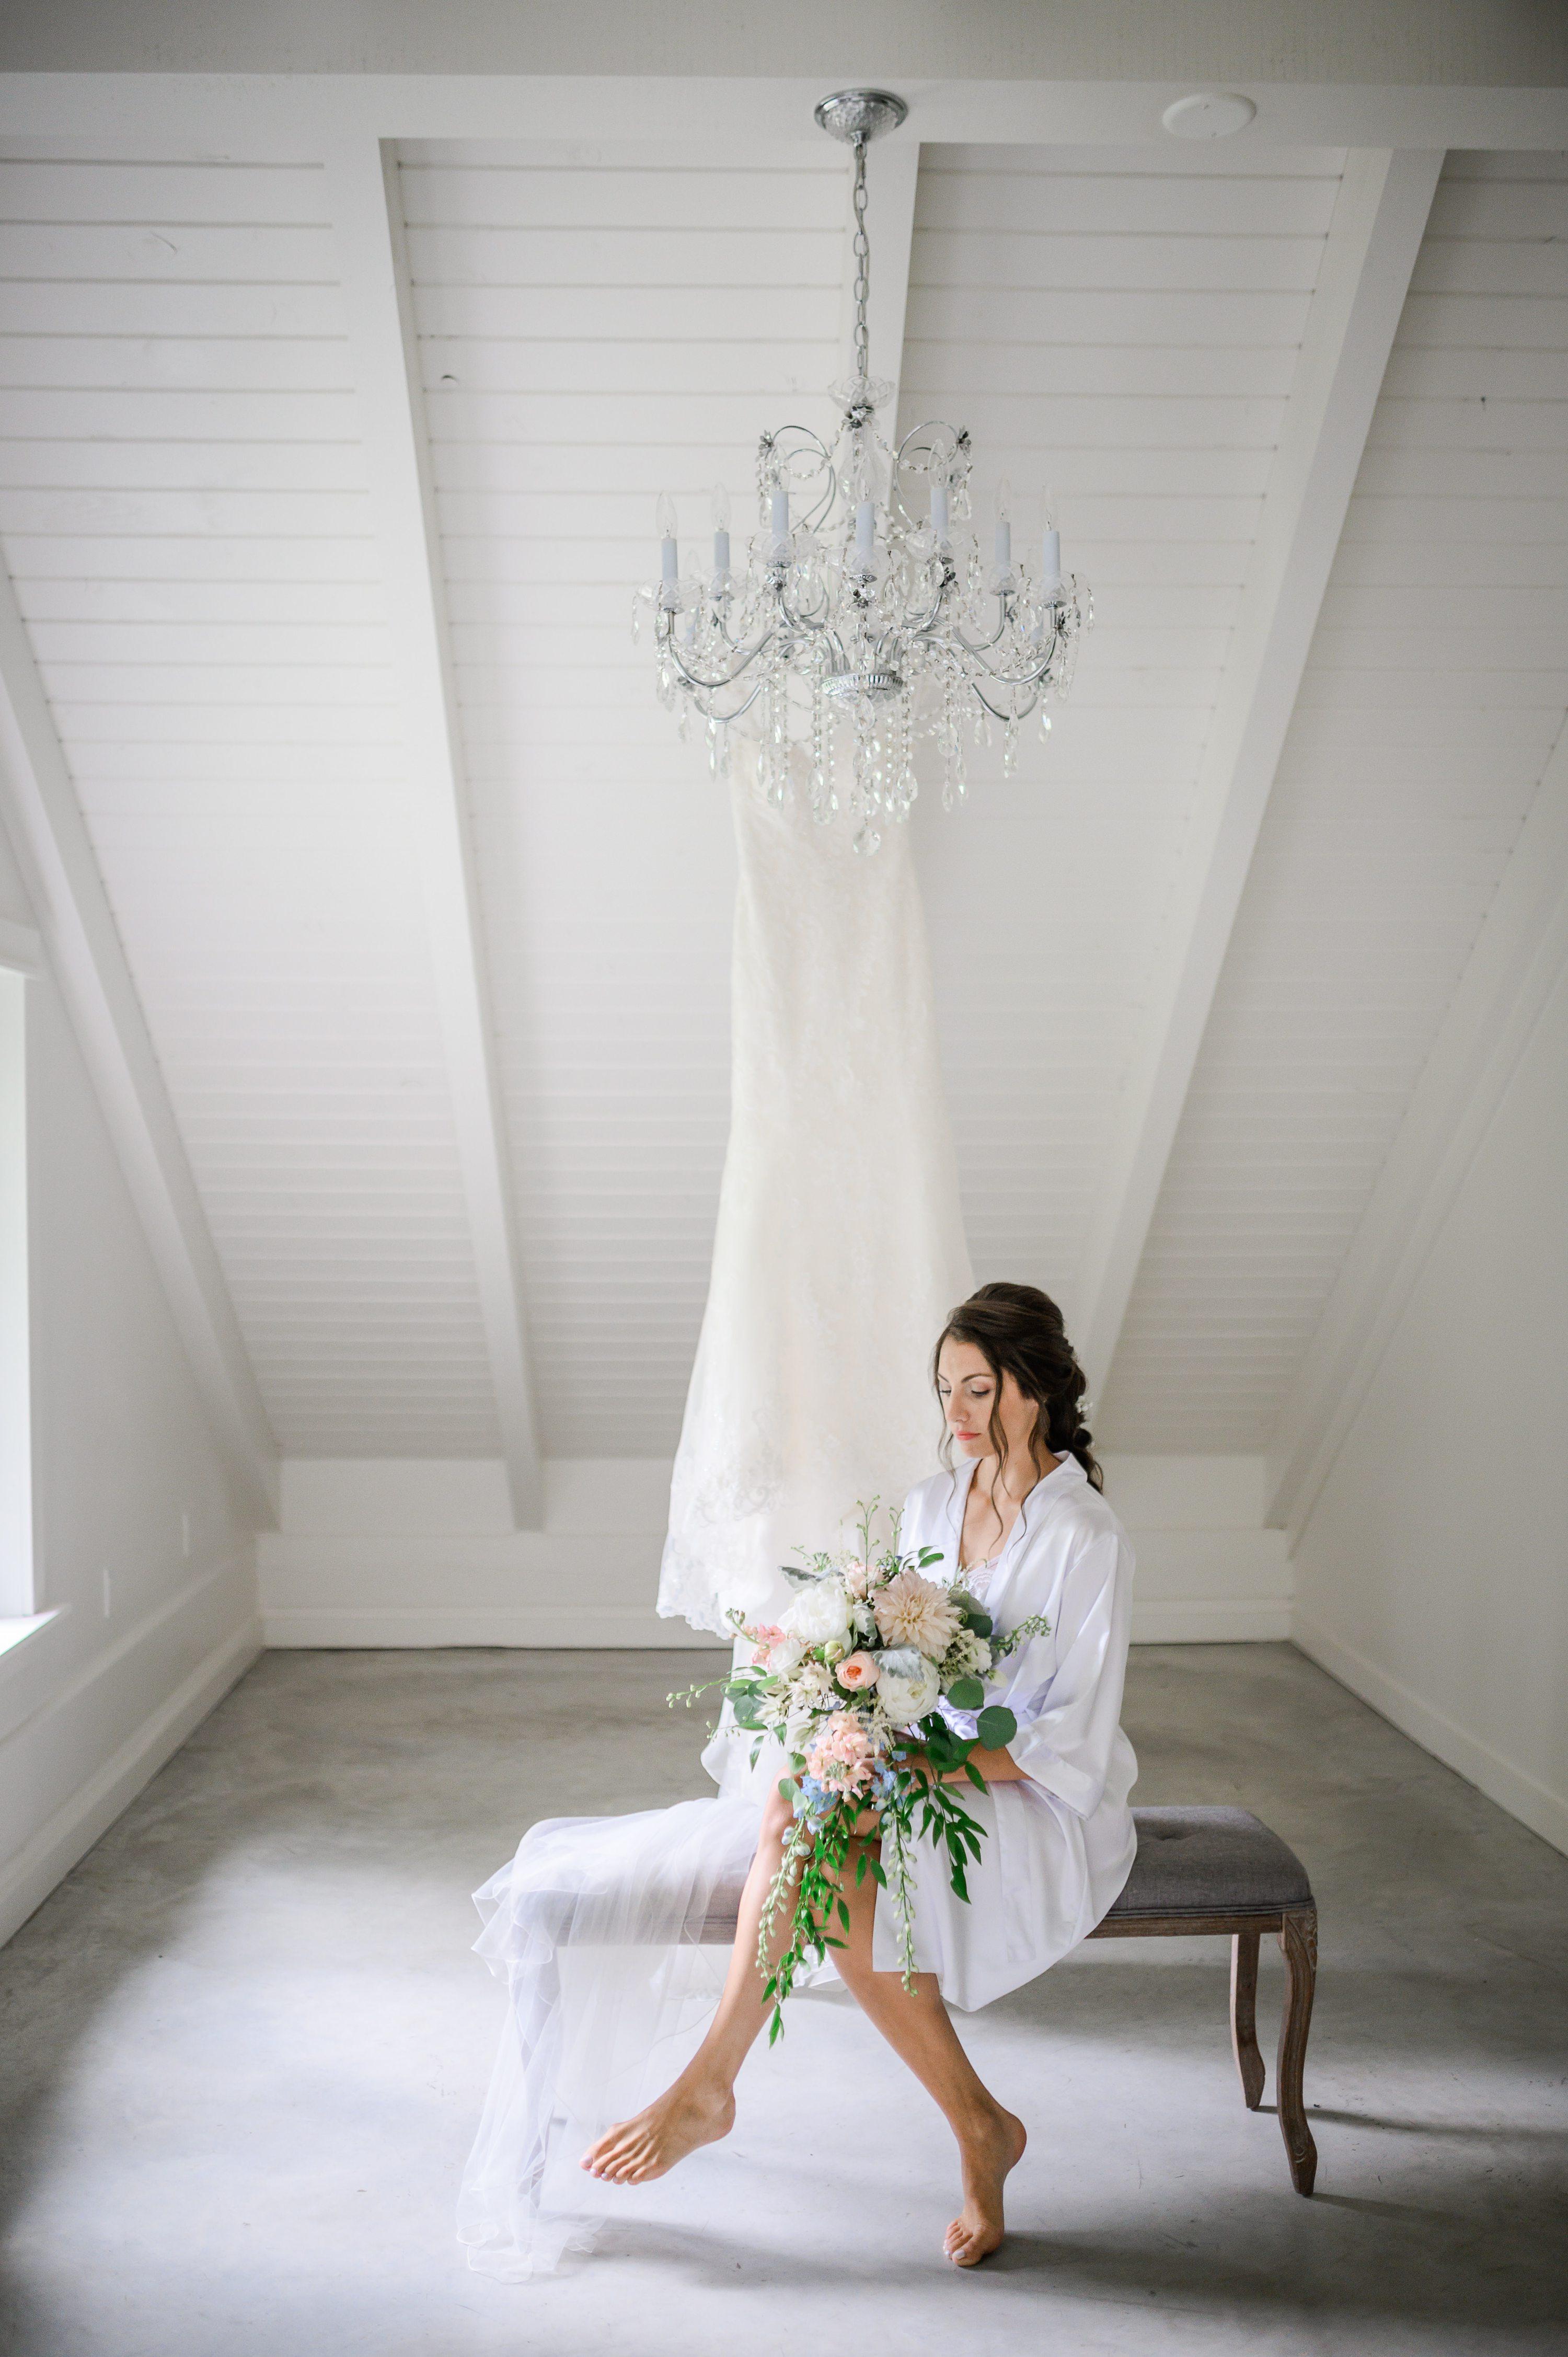 genevieve albert photographe,salle de mariage québec